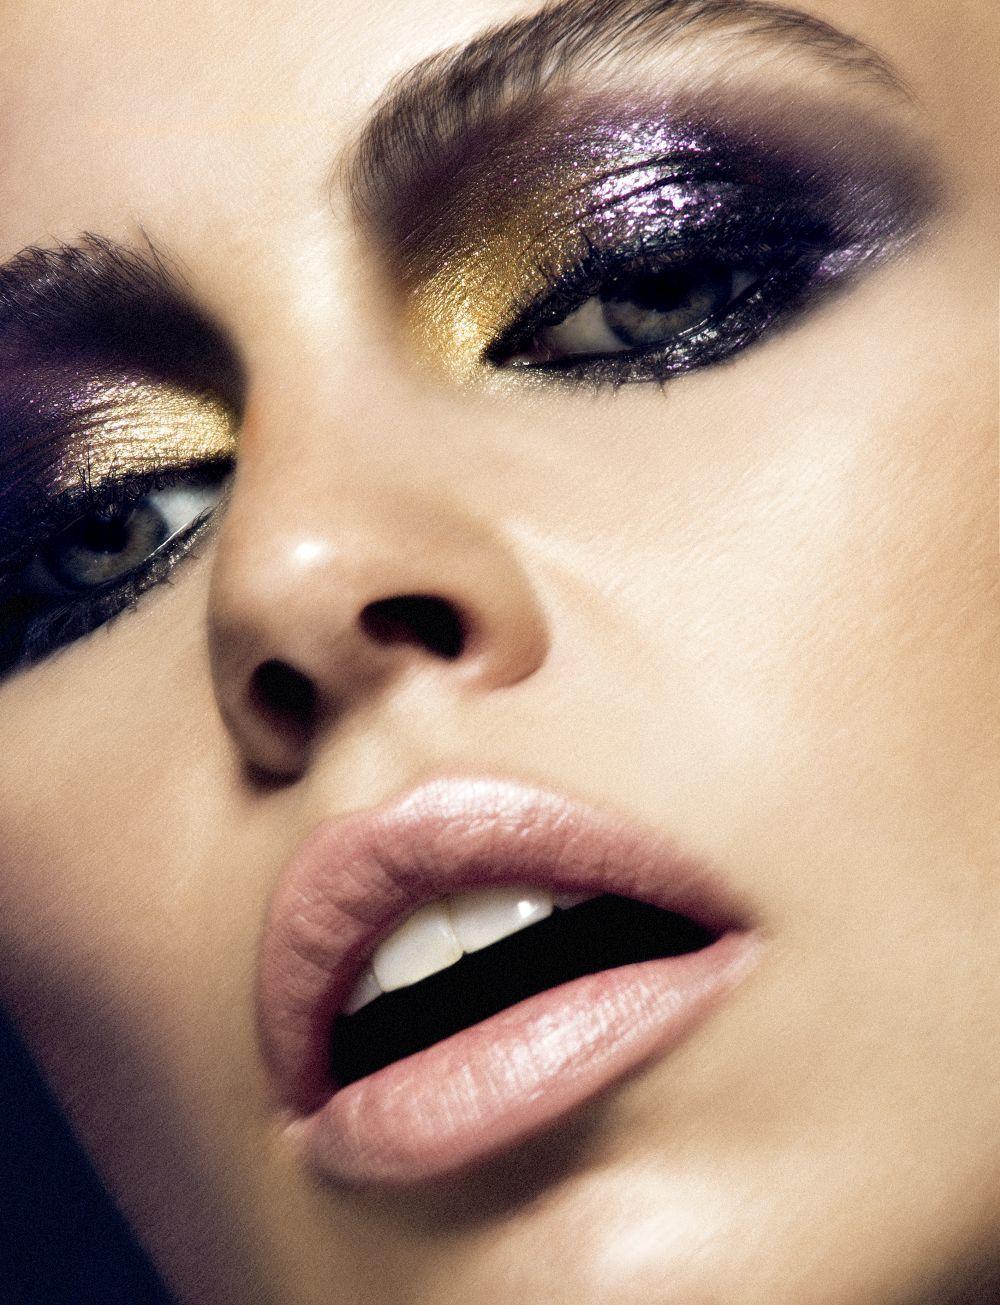 Utilizar cosméticos que contengan ácido glicólico, cualquier tipo...